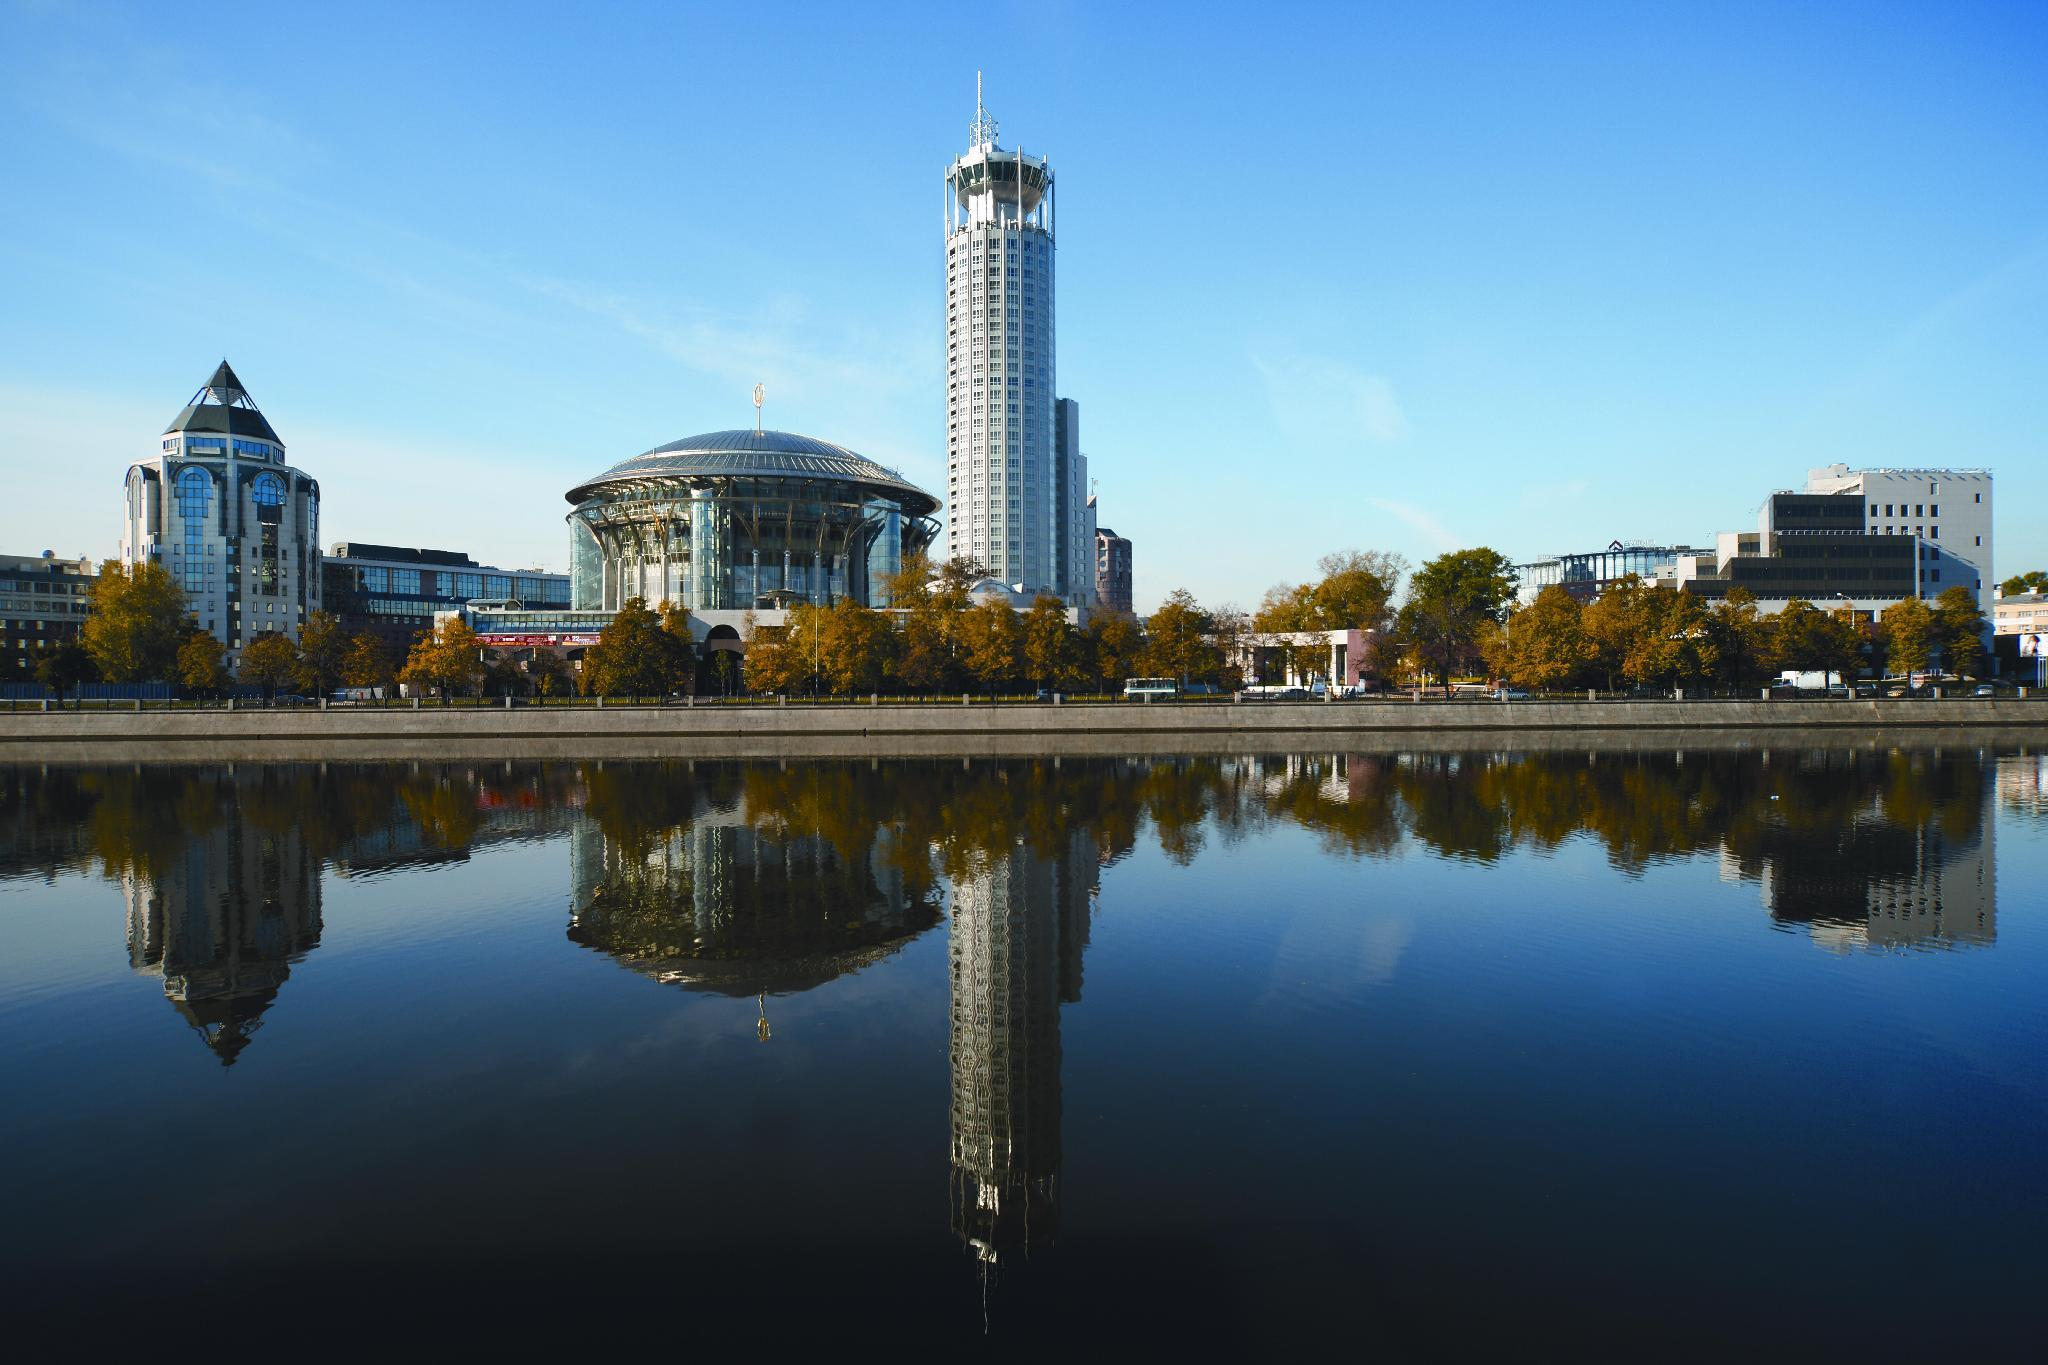 Swissotel Krasnye Holmy Moscow